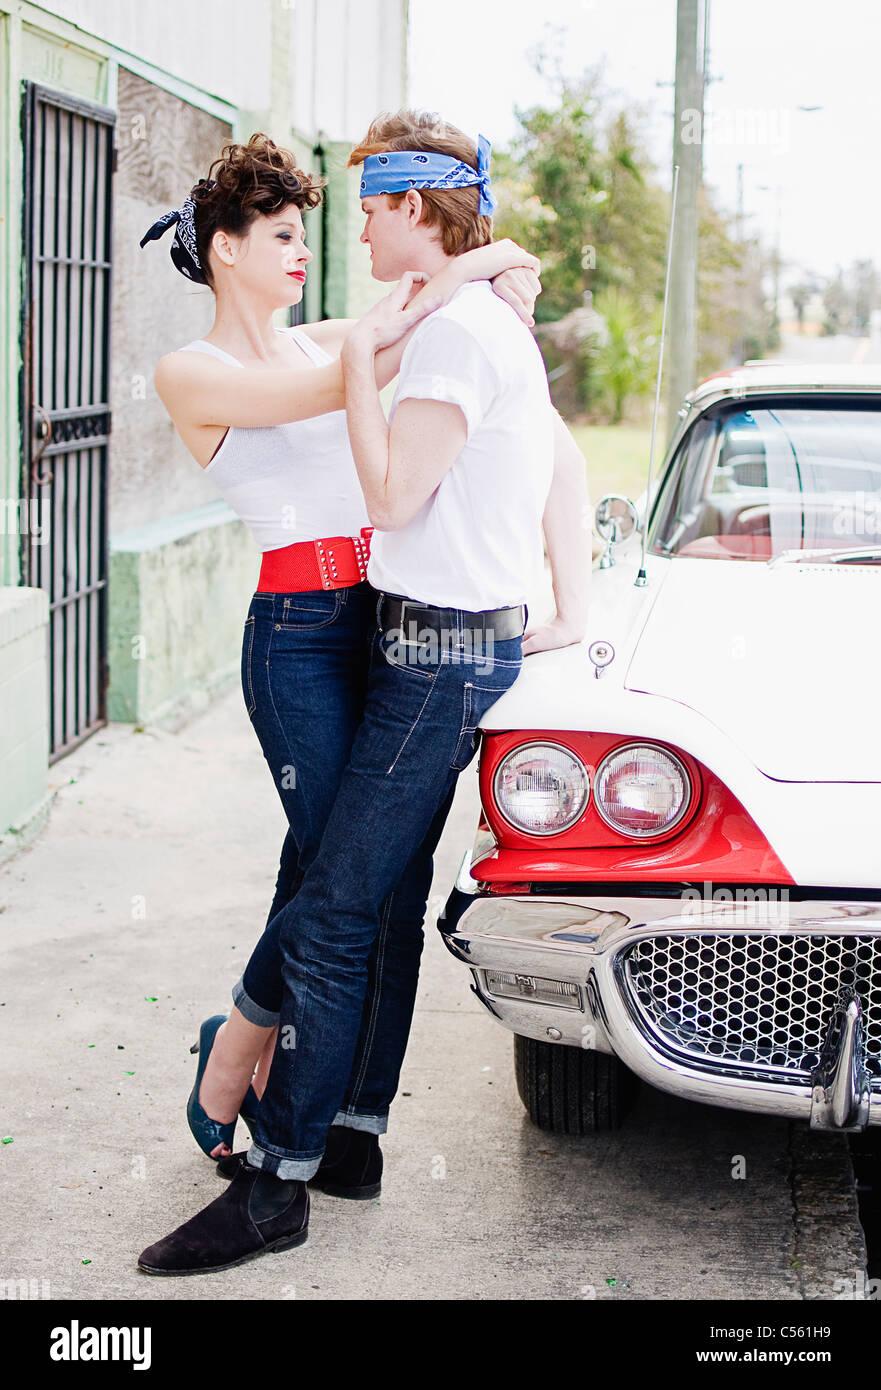 Jeune couple romantique près d'une voiture Banque D'Images